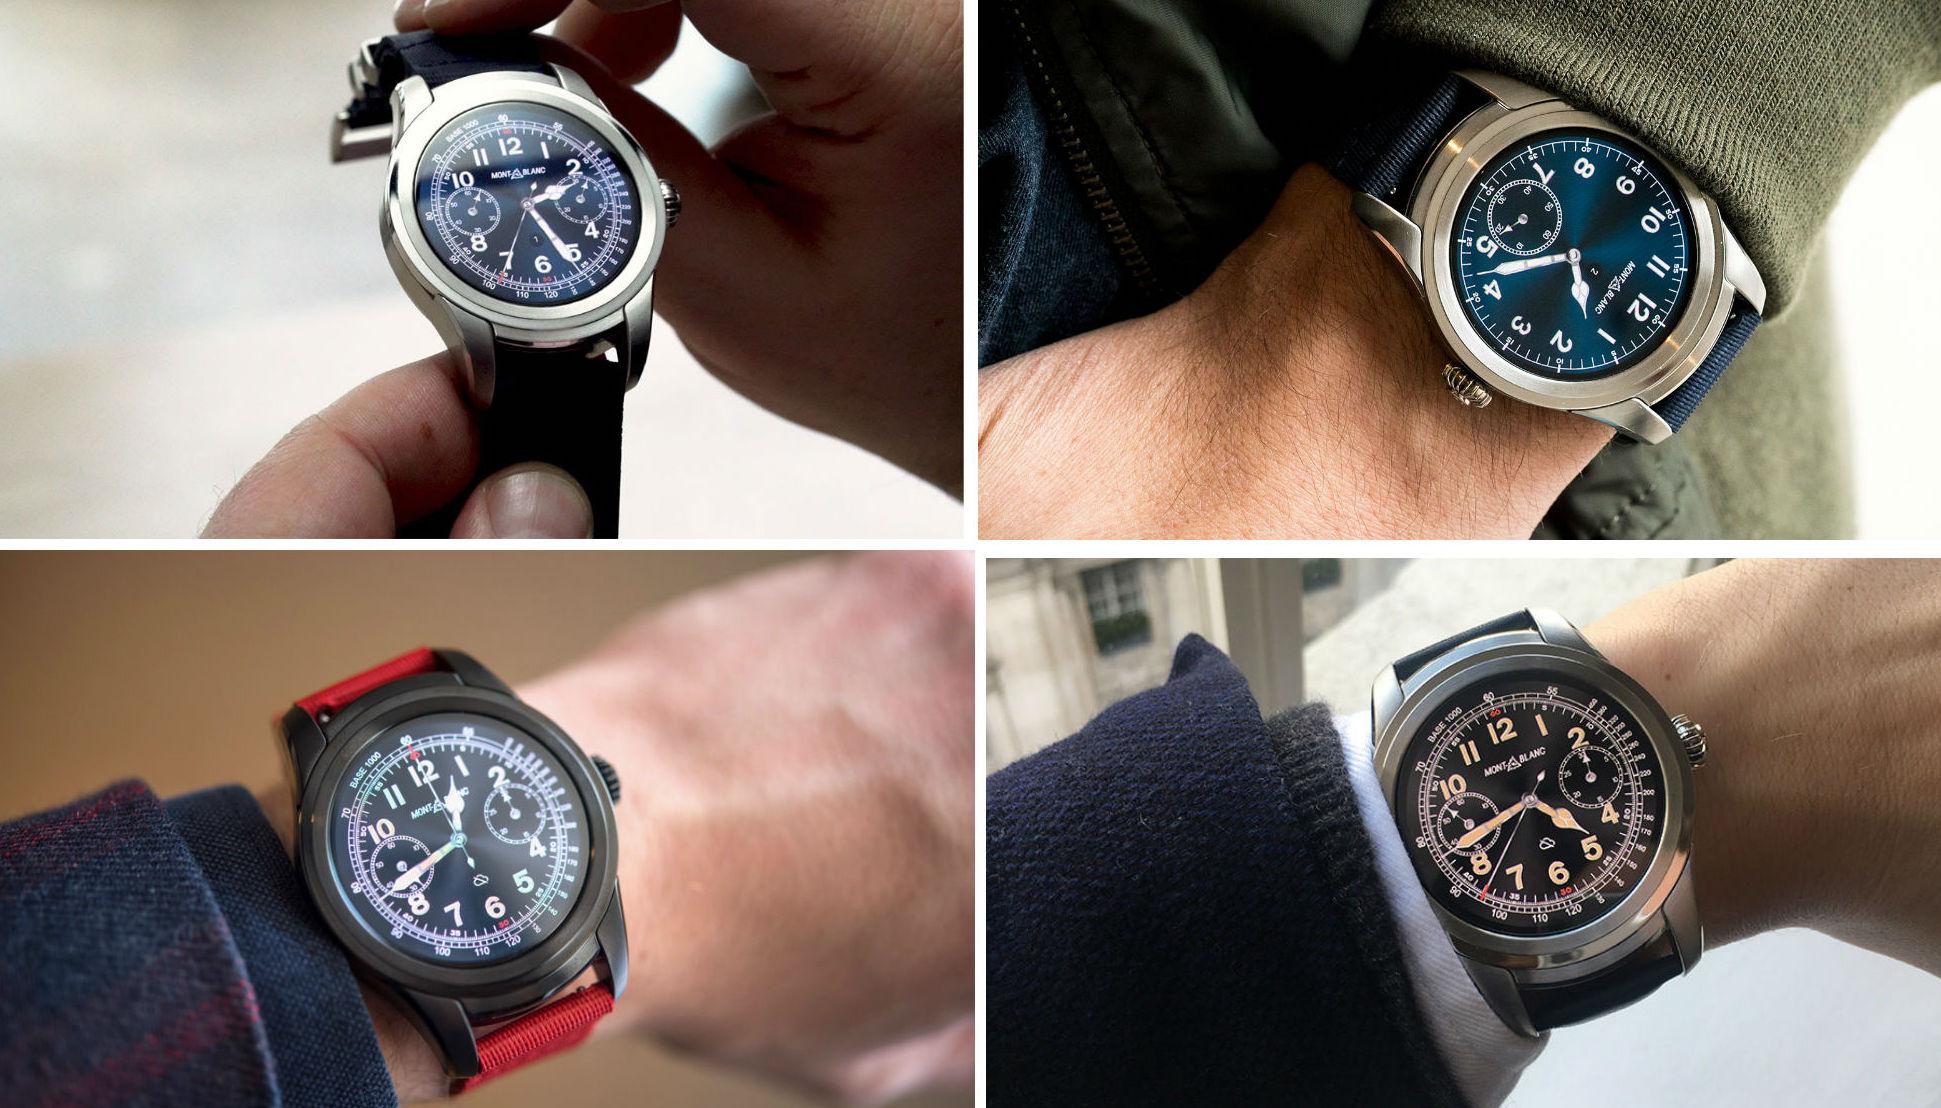 Обзор Montblanc Summit — умные часы премиум-класса с лучшей ценой в категории - 27